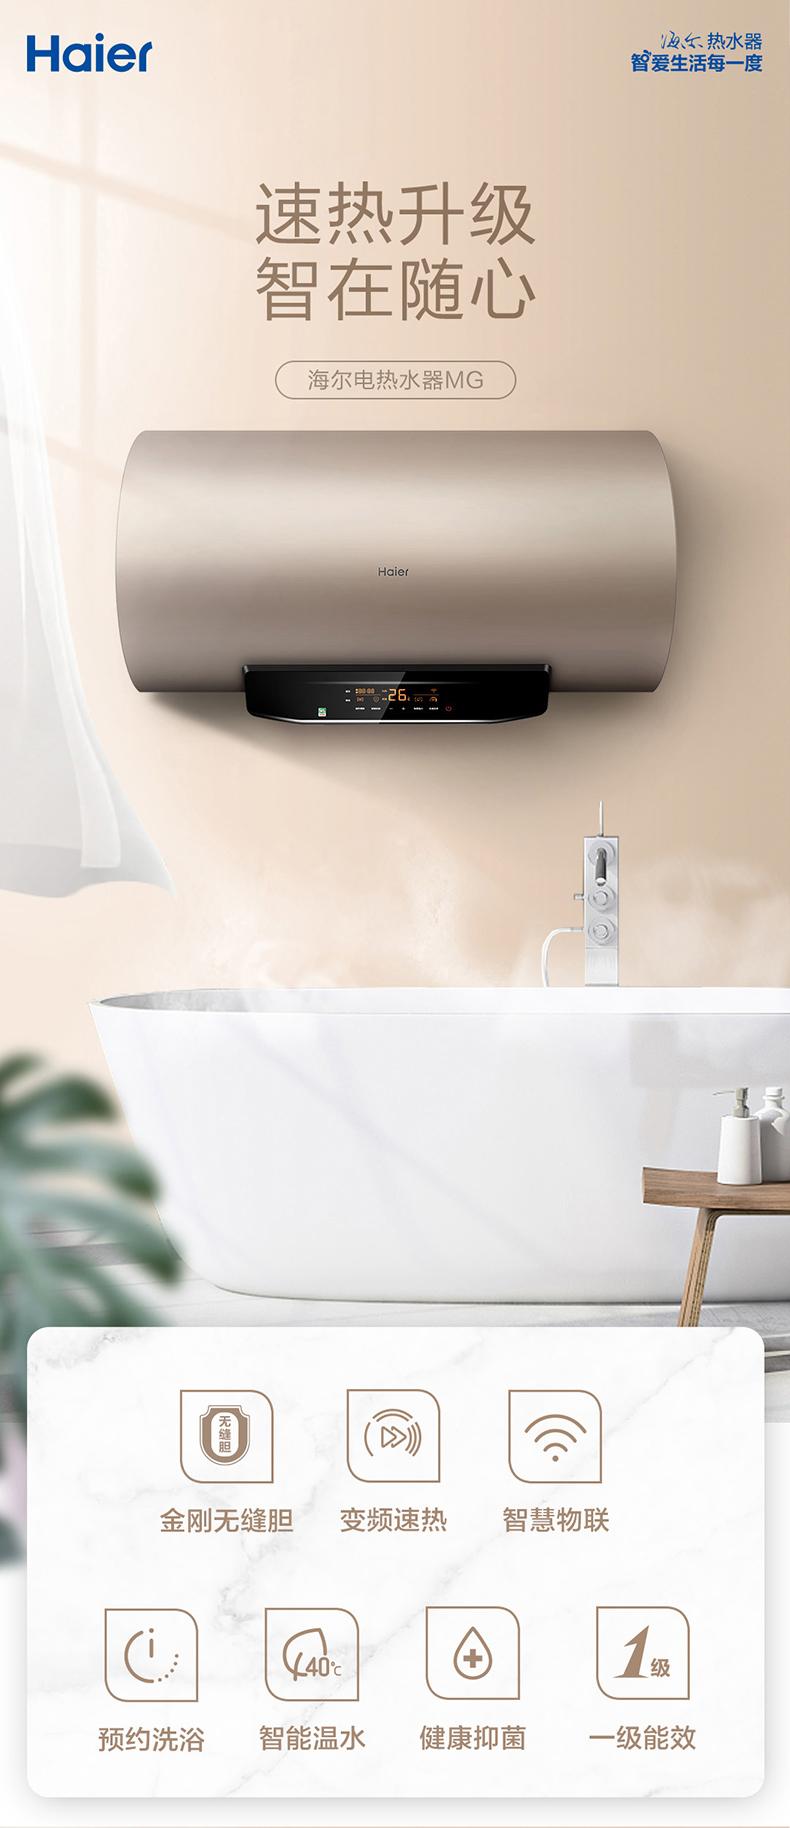 海尔热水器电家用化妆室升速热储水式智能洗澡节能一级详细照片